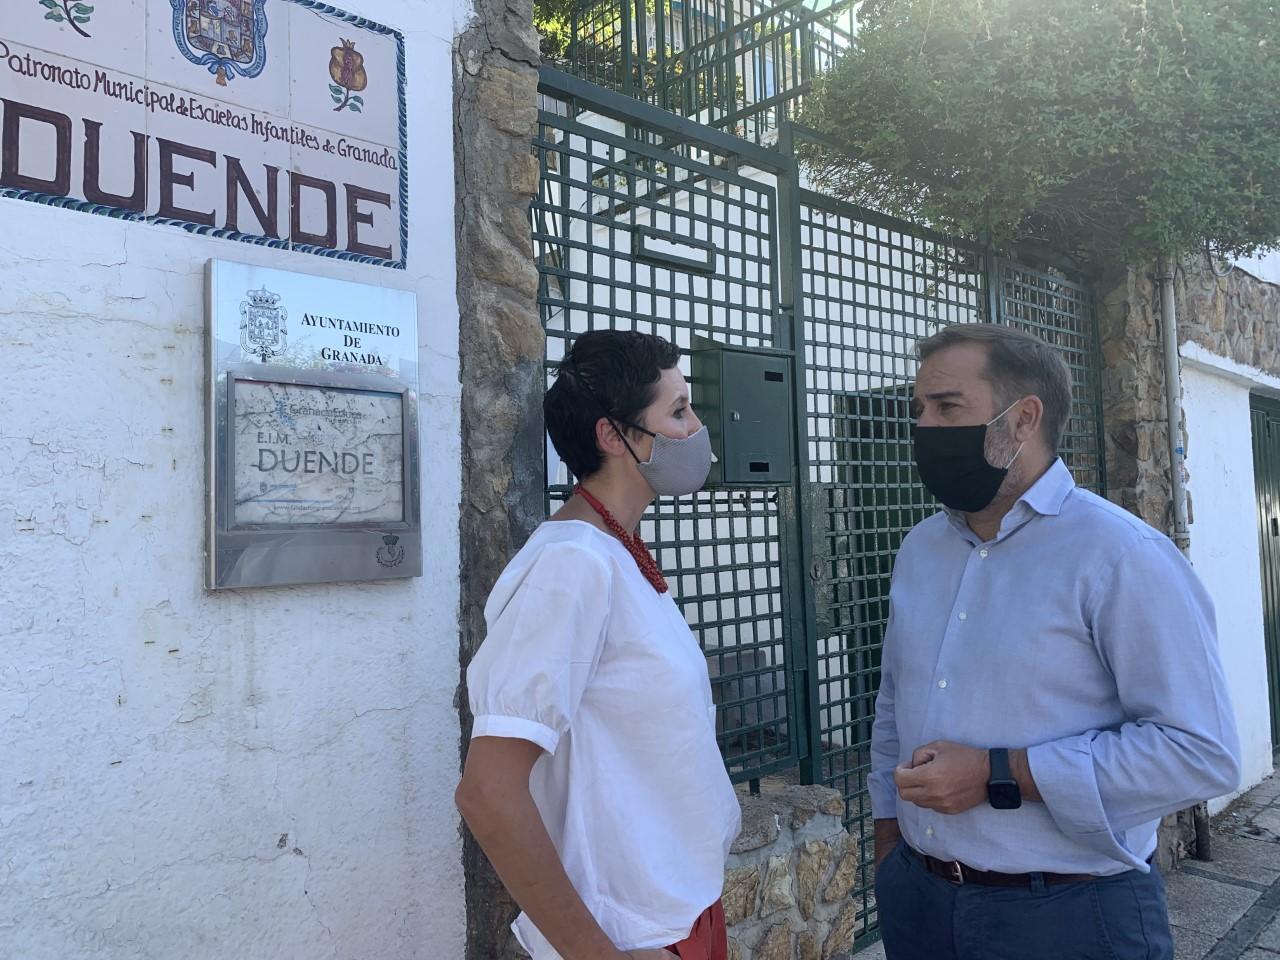 El PSOE exige el arreglo del muro de contención del patio de la Escuela Municipal Duende